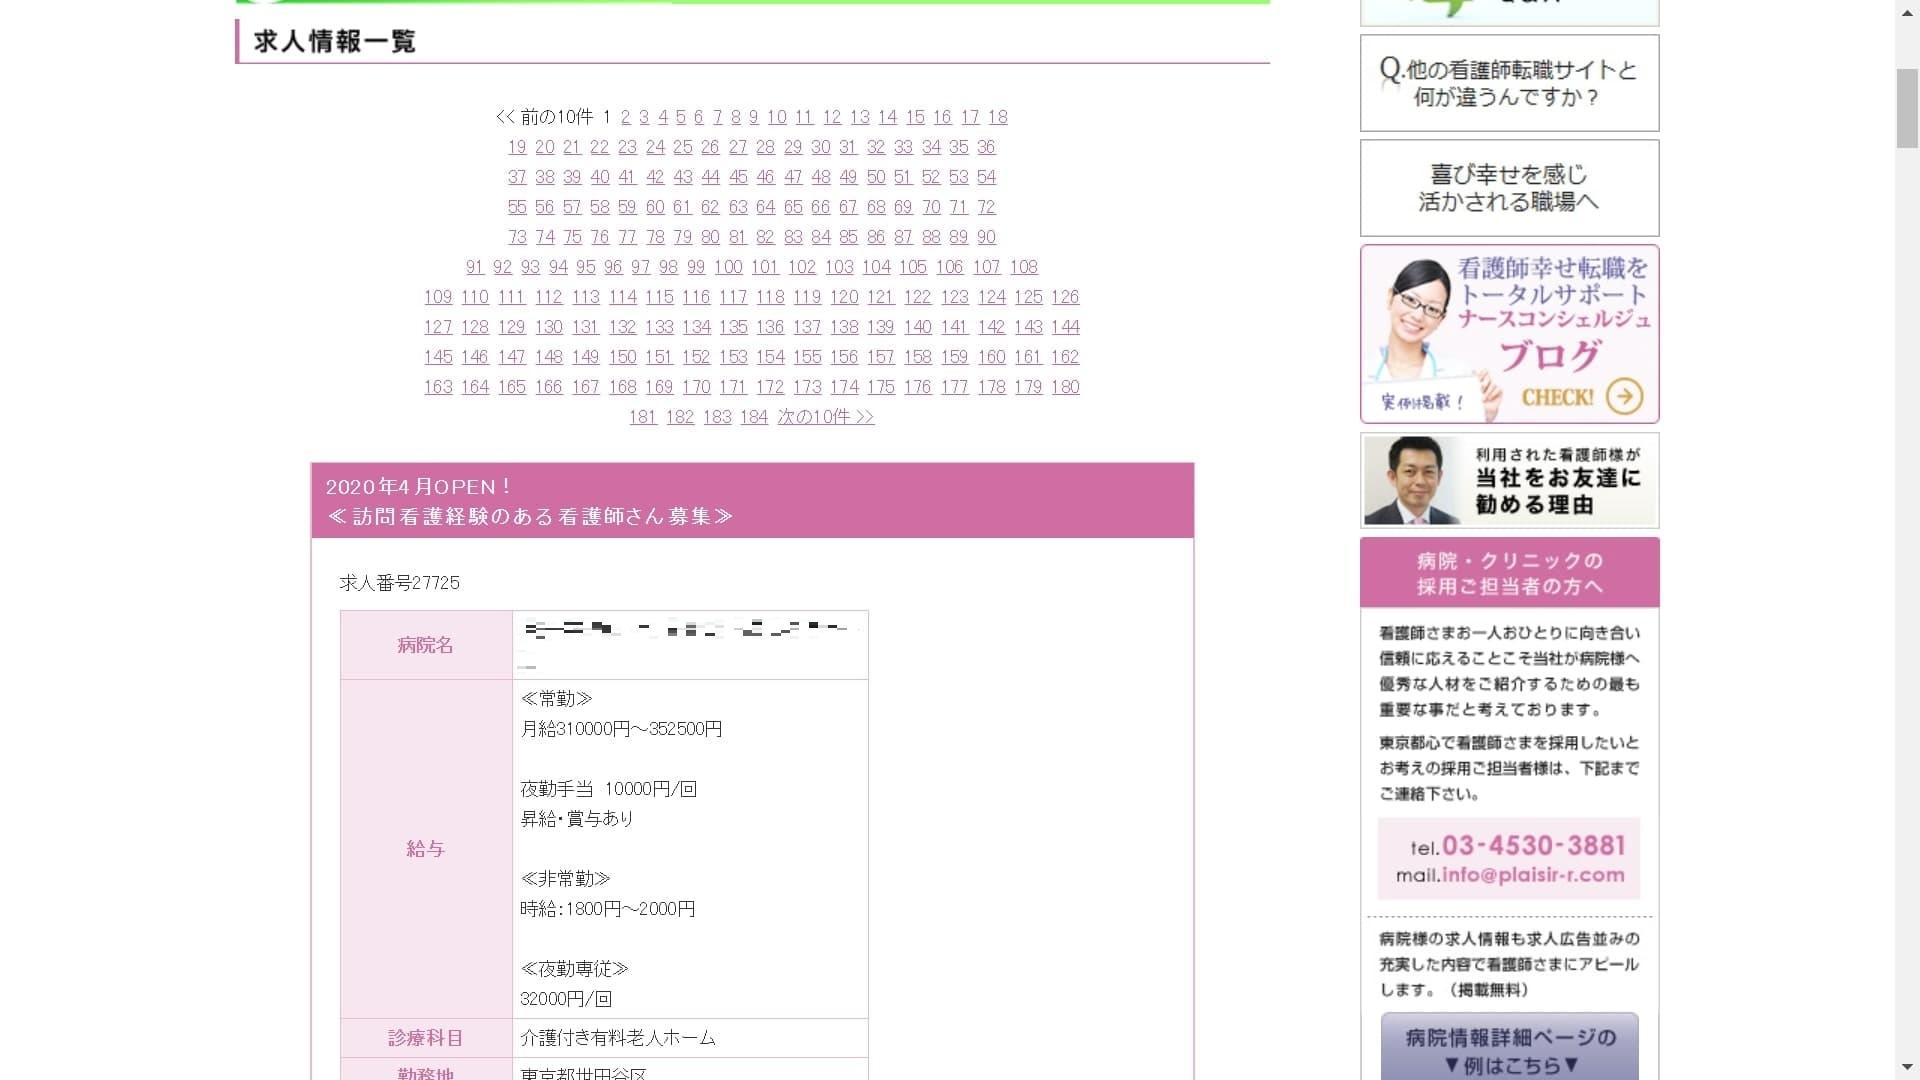 ナースコンシェルジュの求人検索画面